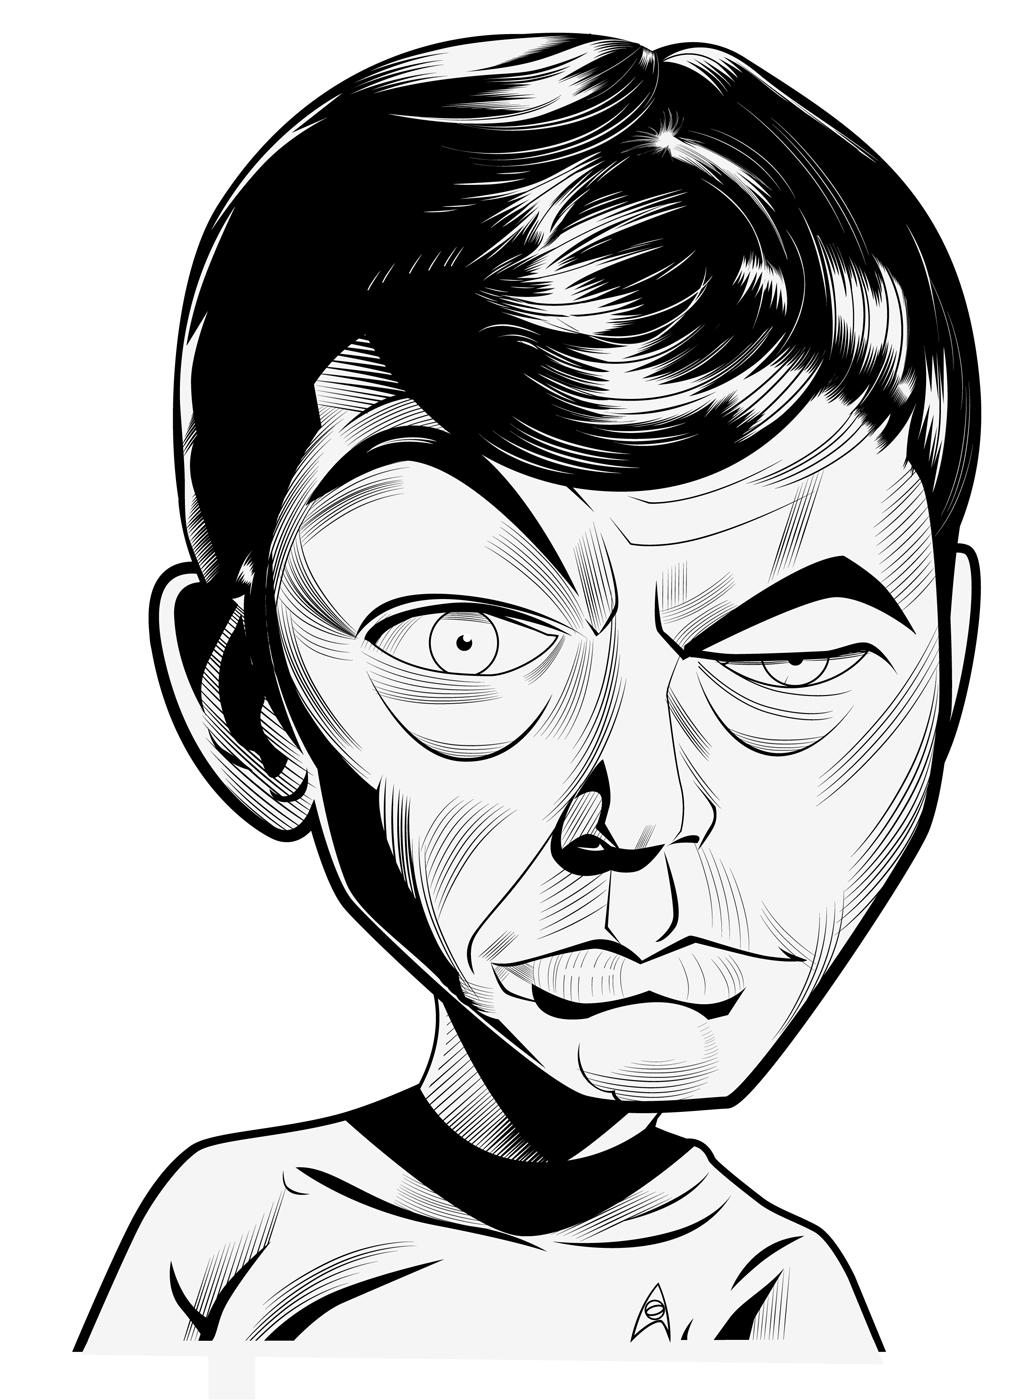 Dr. Leonard McCoy by kgreene